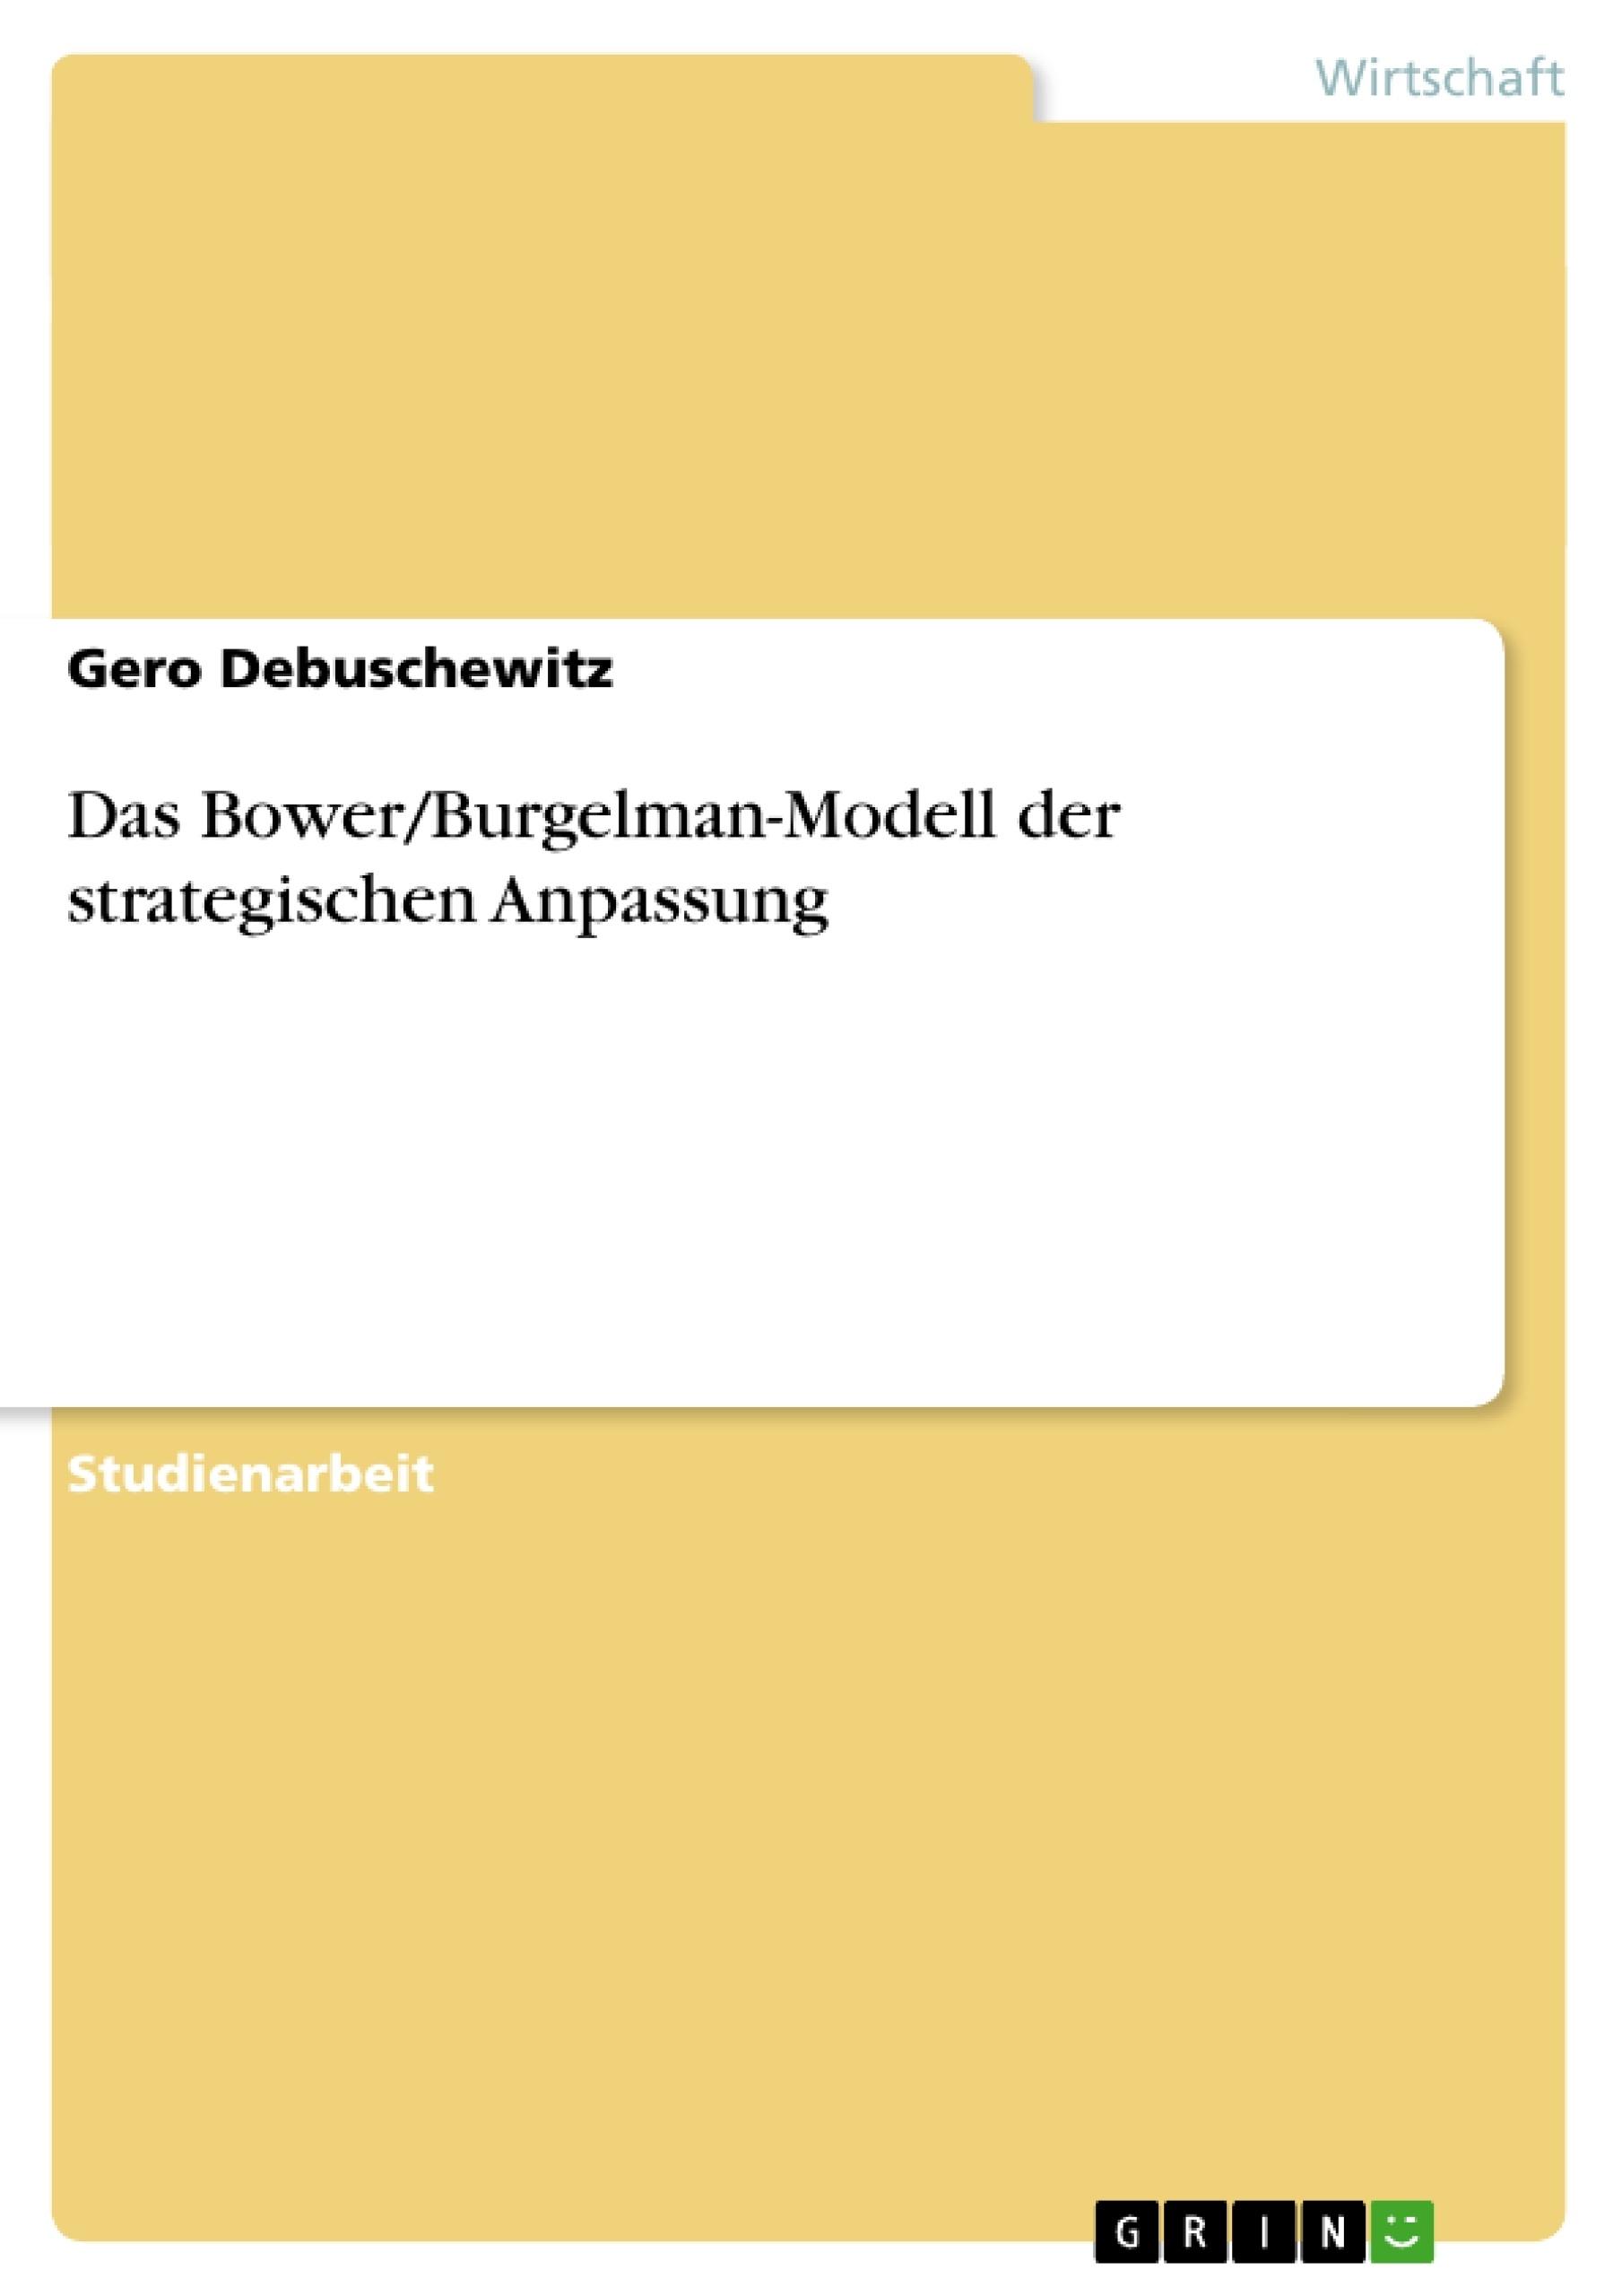 Titel: Das Bower/Burgelman-Modell der strategischen Anpassung